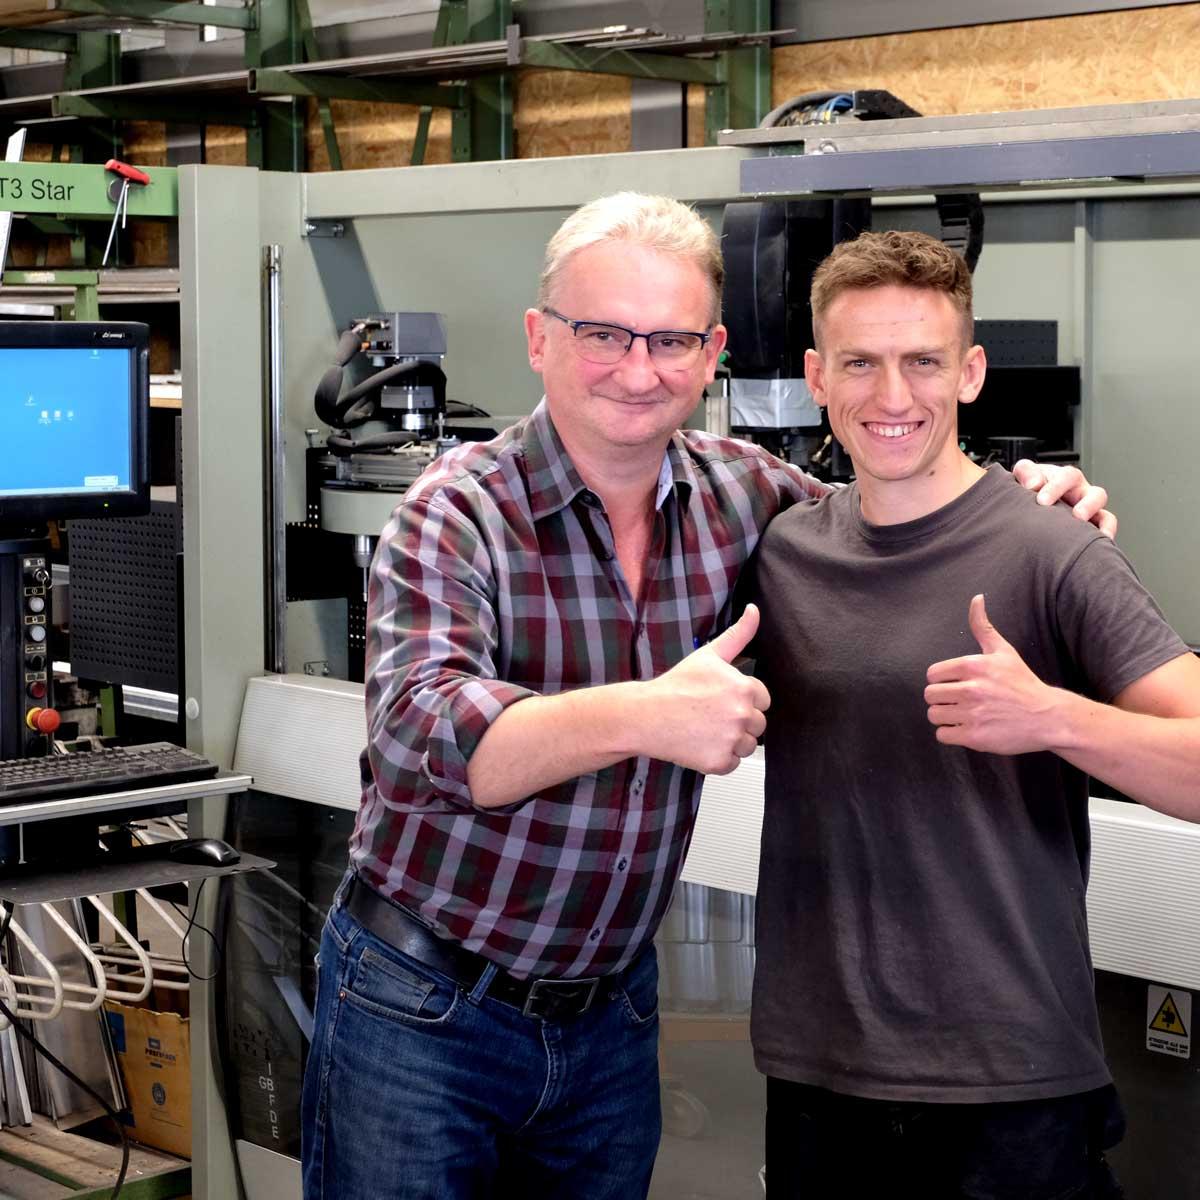 Kariere: Metallbauer